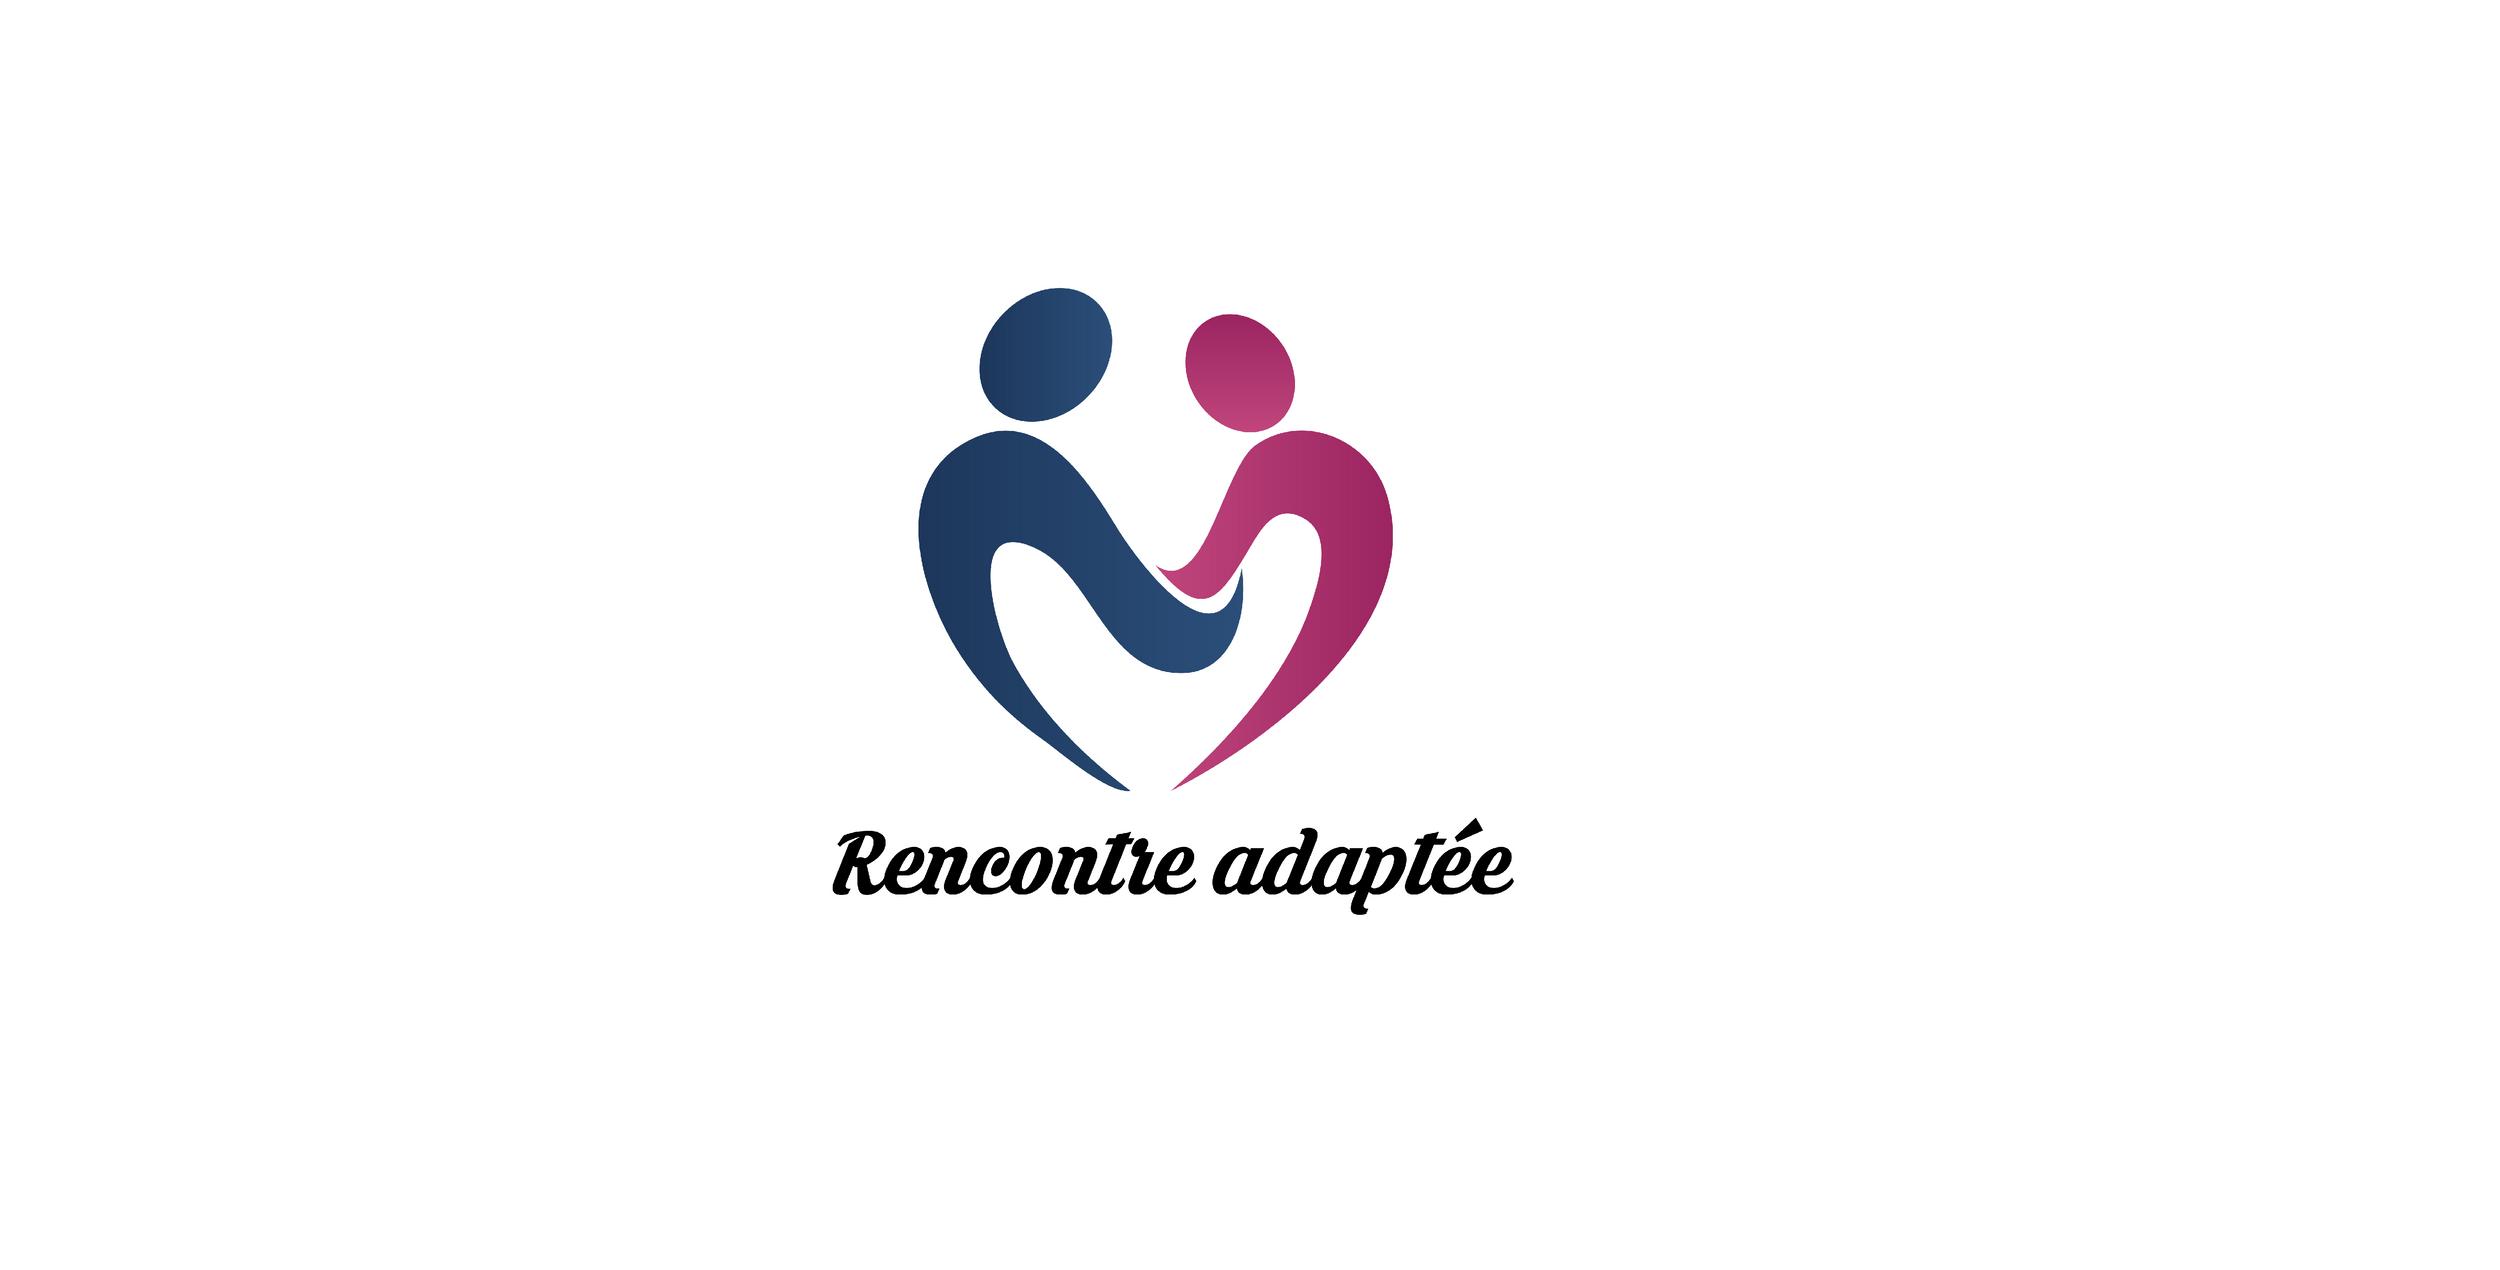 Site de rencontres pour handicapés 100% gratuit et sérieux